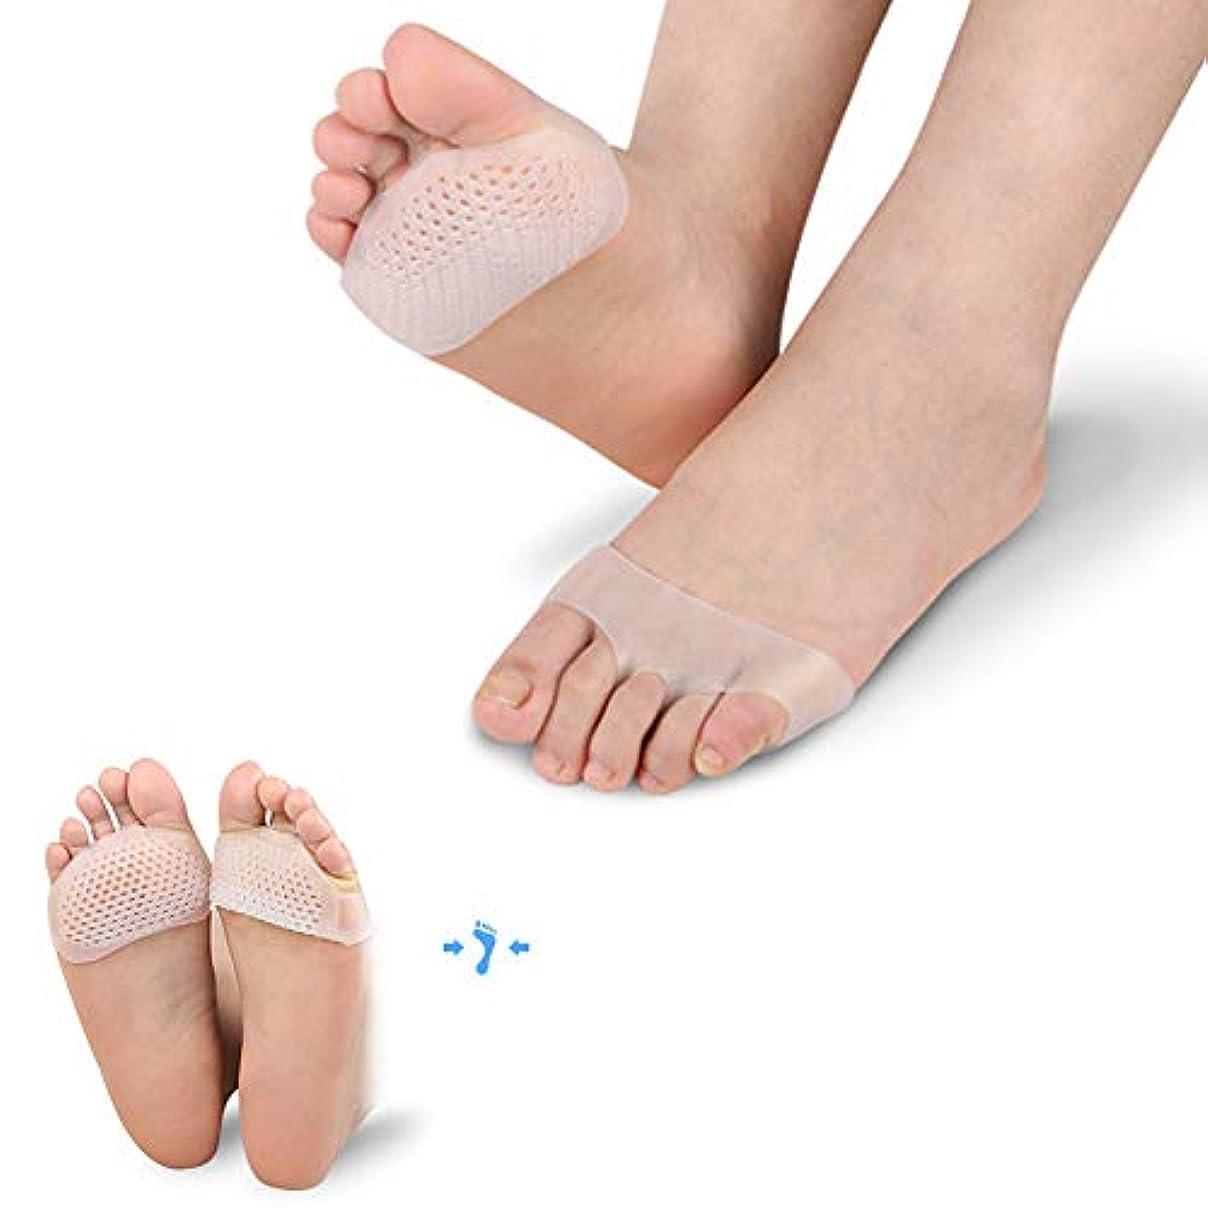 電子矛盾無数の5ペアシリコンつま先セパレータ痛み緩和クッションソフトジェルインソール前足パッド見えない靴スリップ耐性インソールフットケア